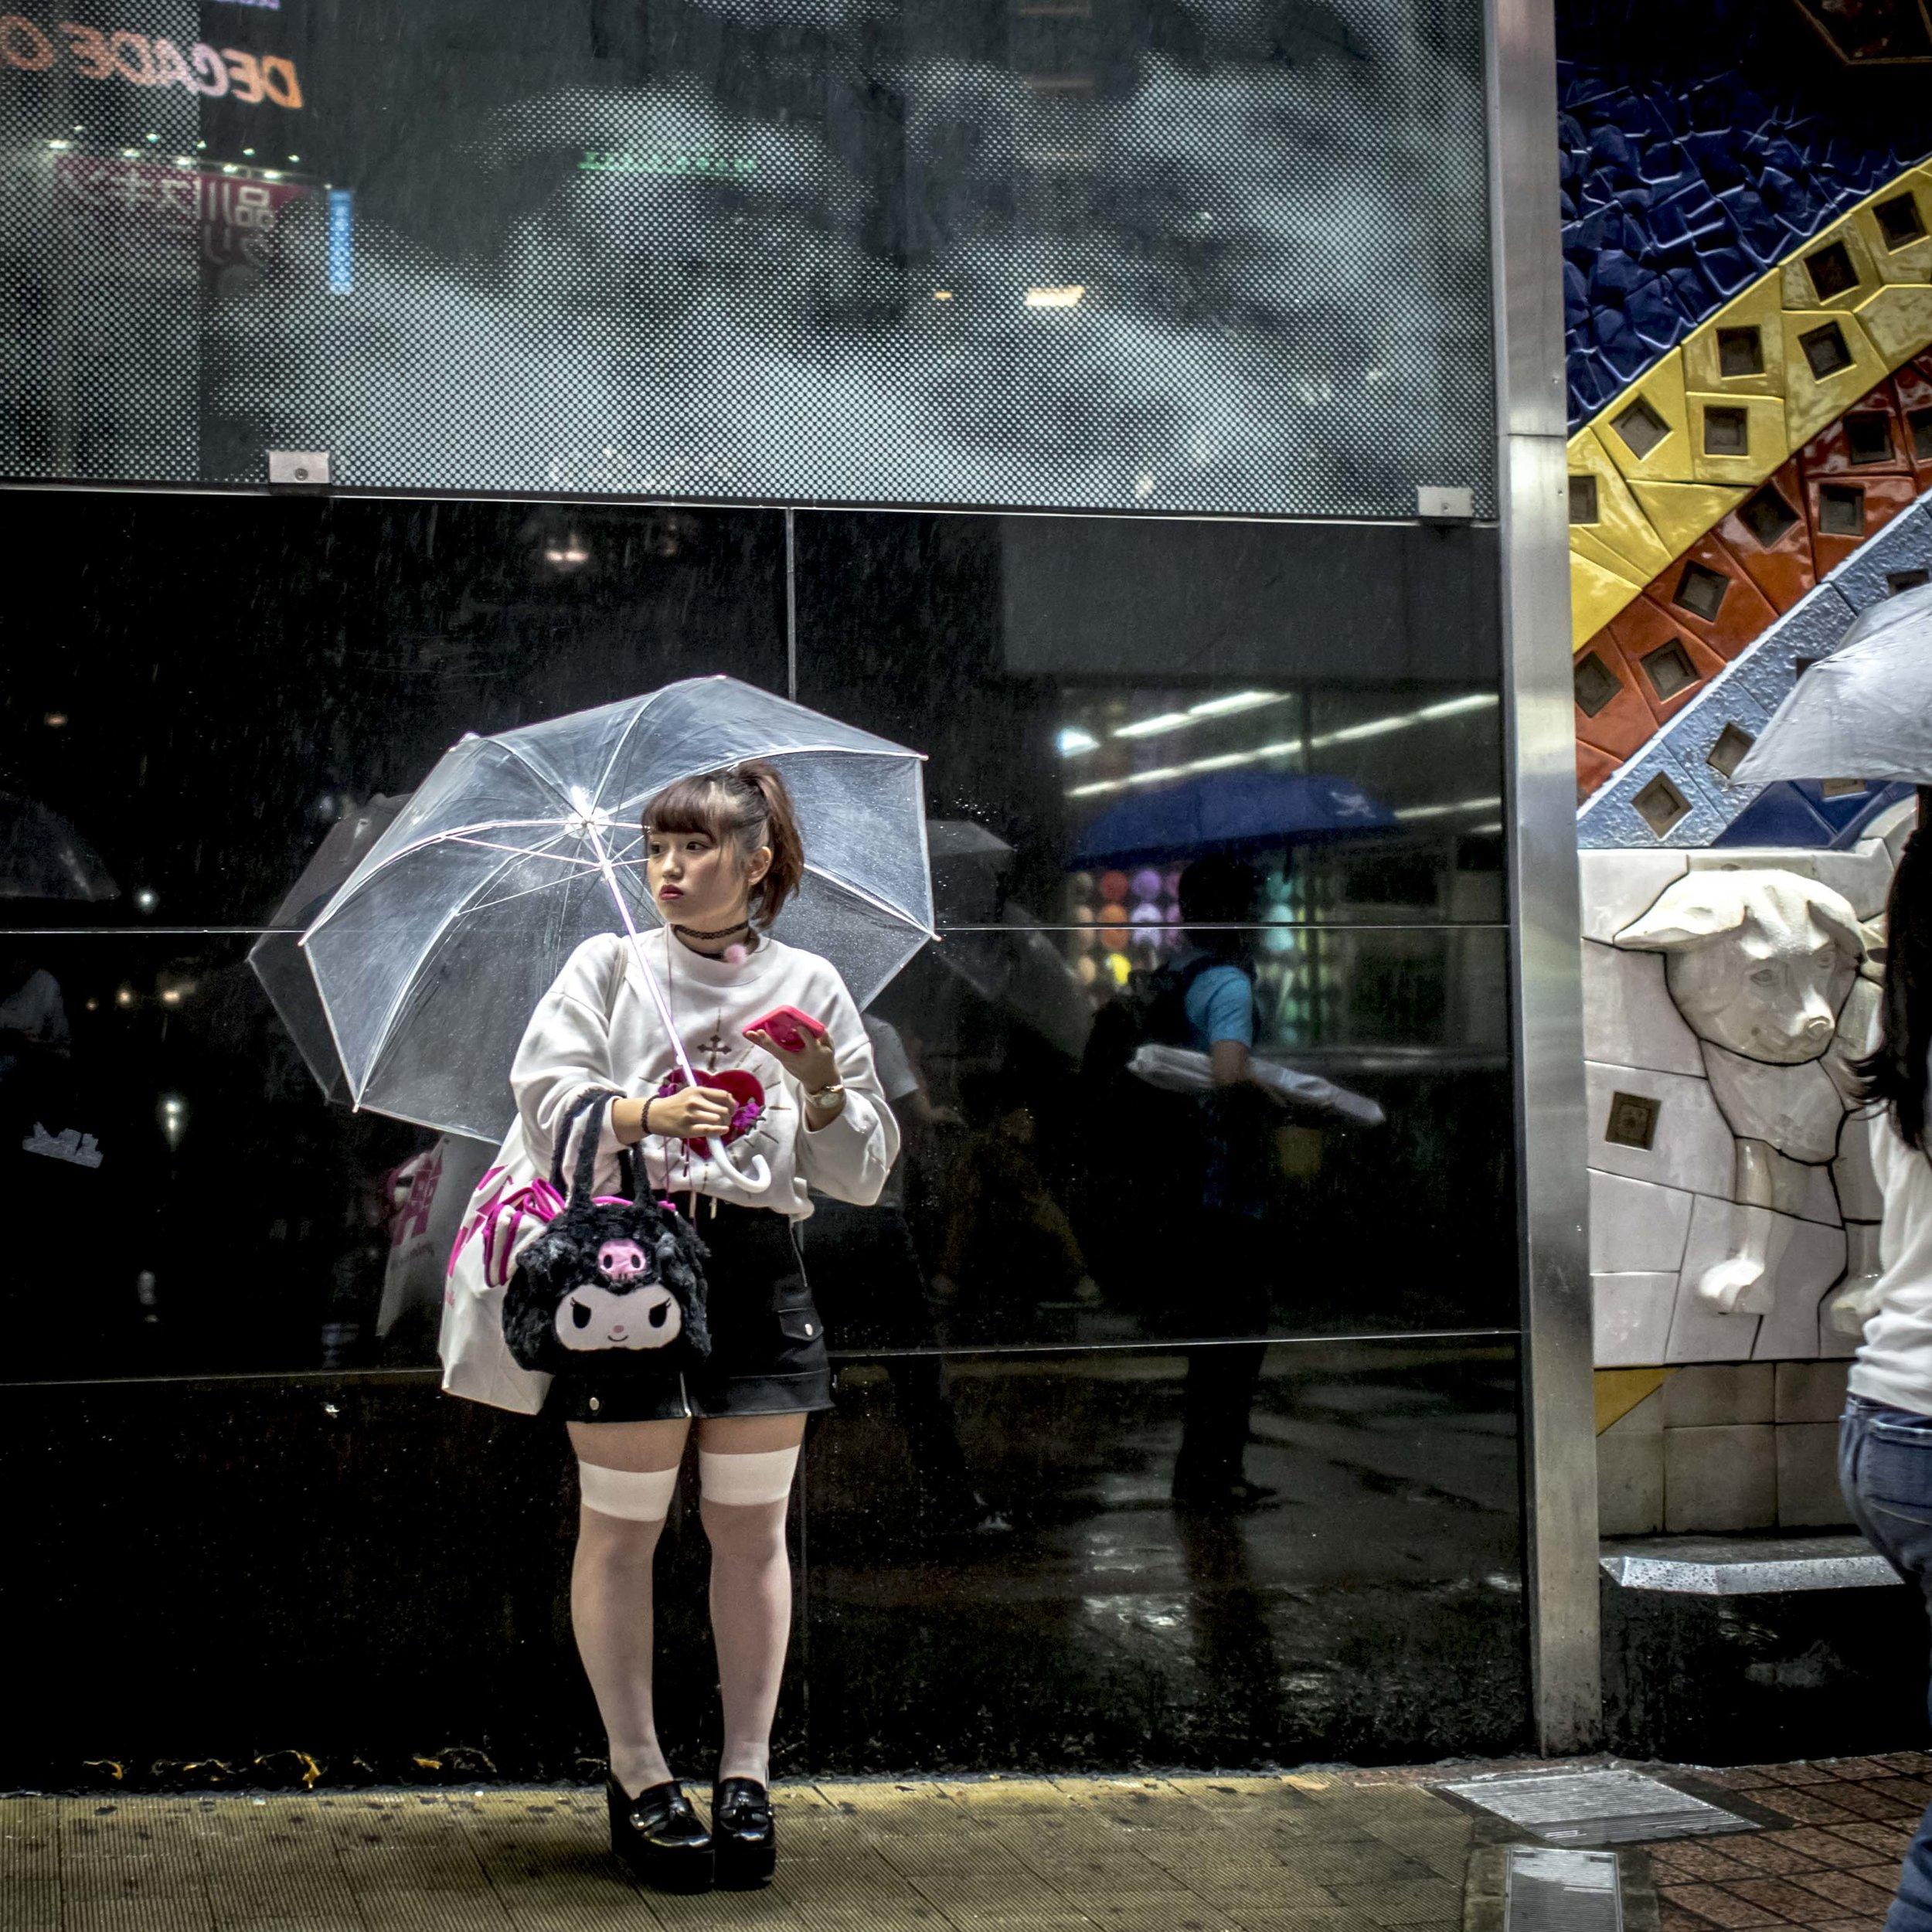 tokyo summer 2-010433-2.jpg